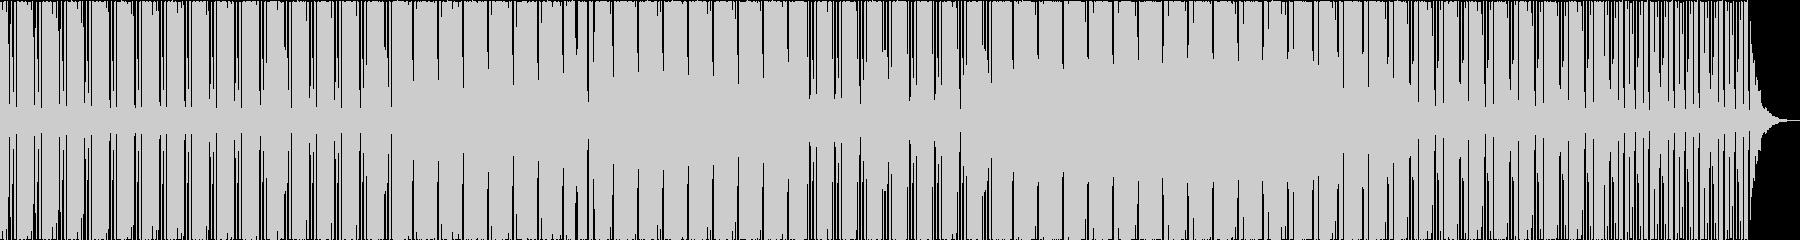 Diveの未再生の波形